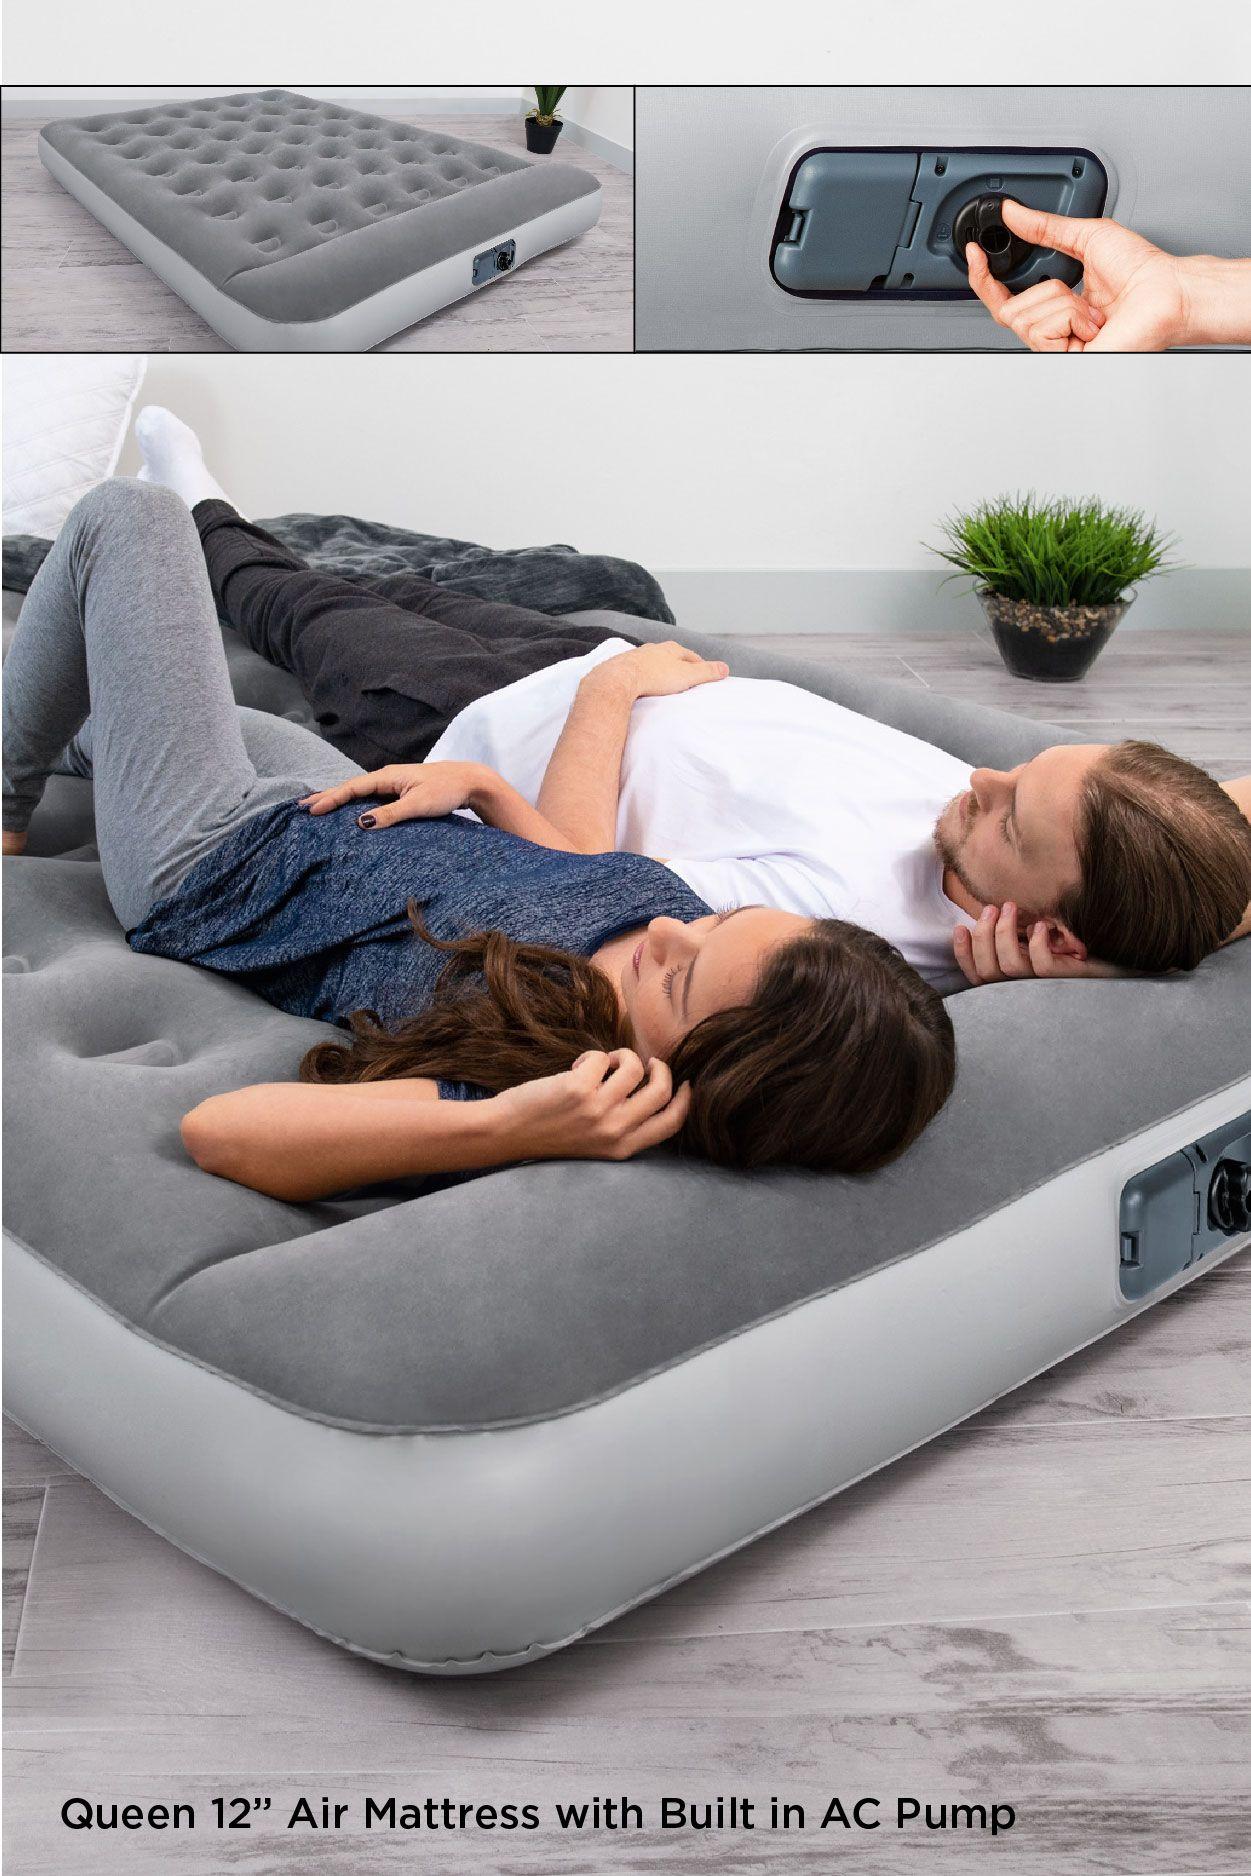 Health in 2020 Air mattress, Mattress, Pumps